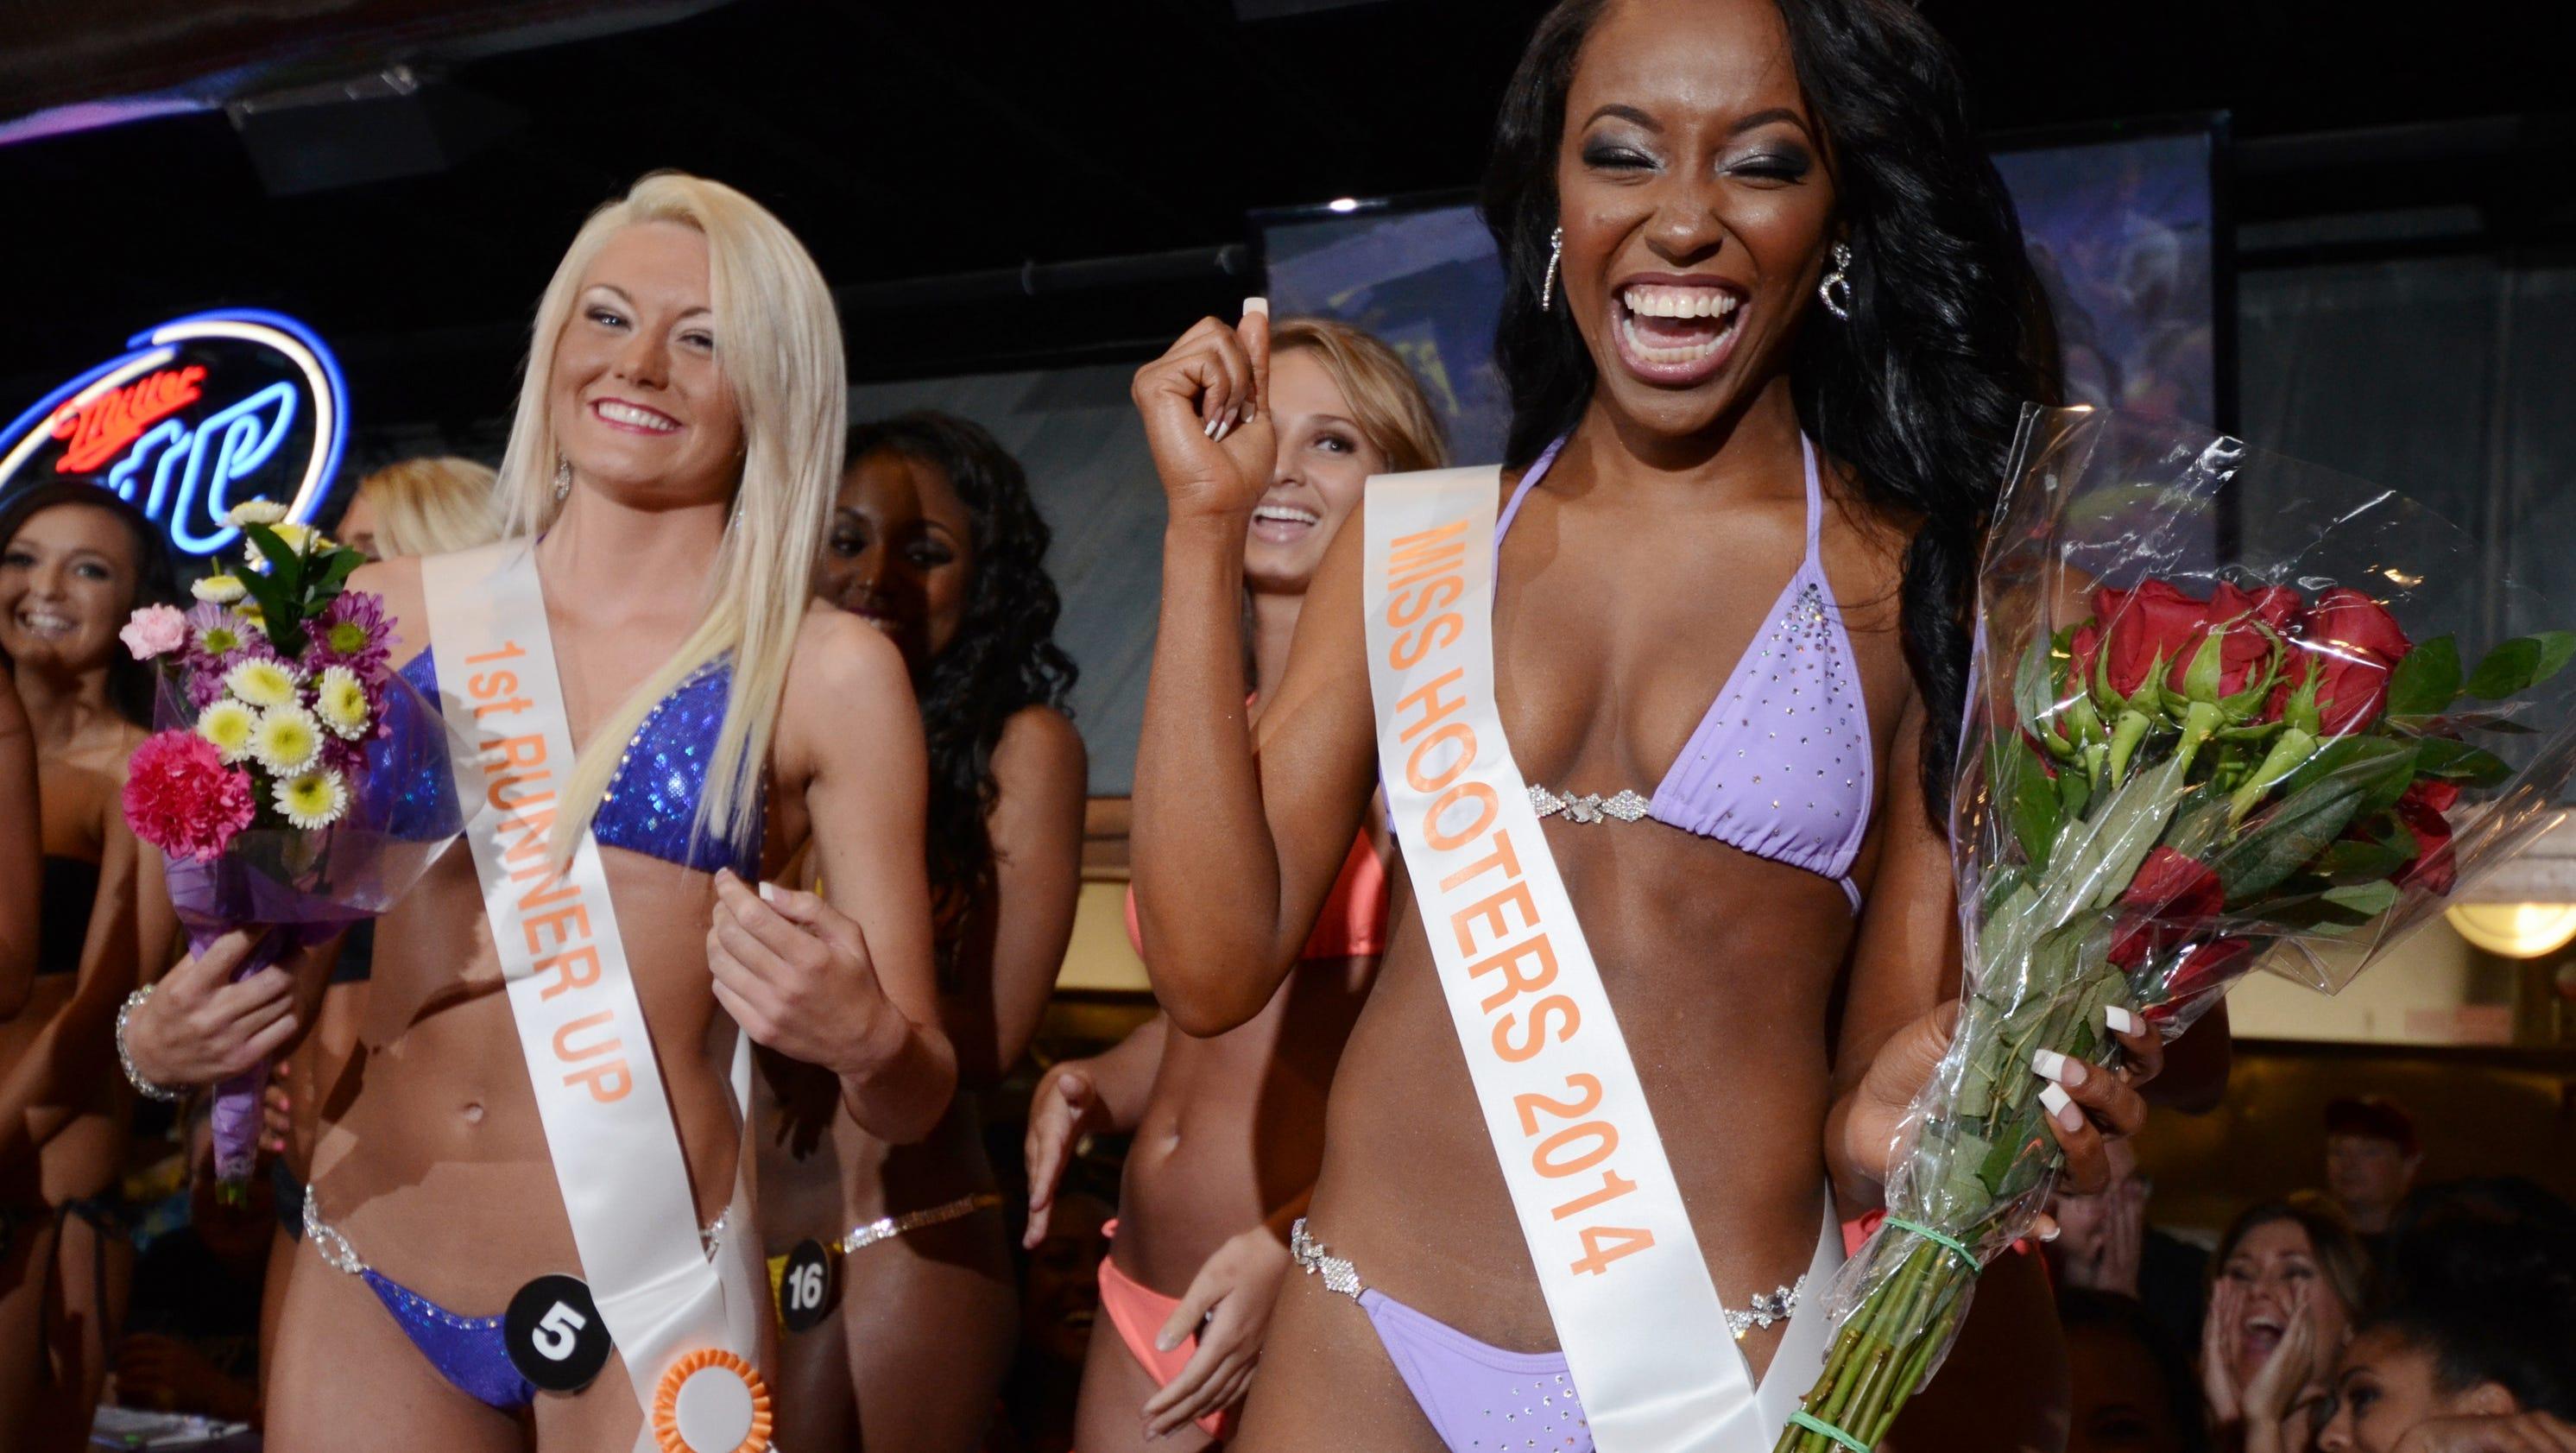 Moncton bikini contest